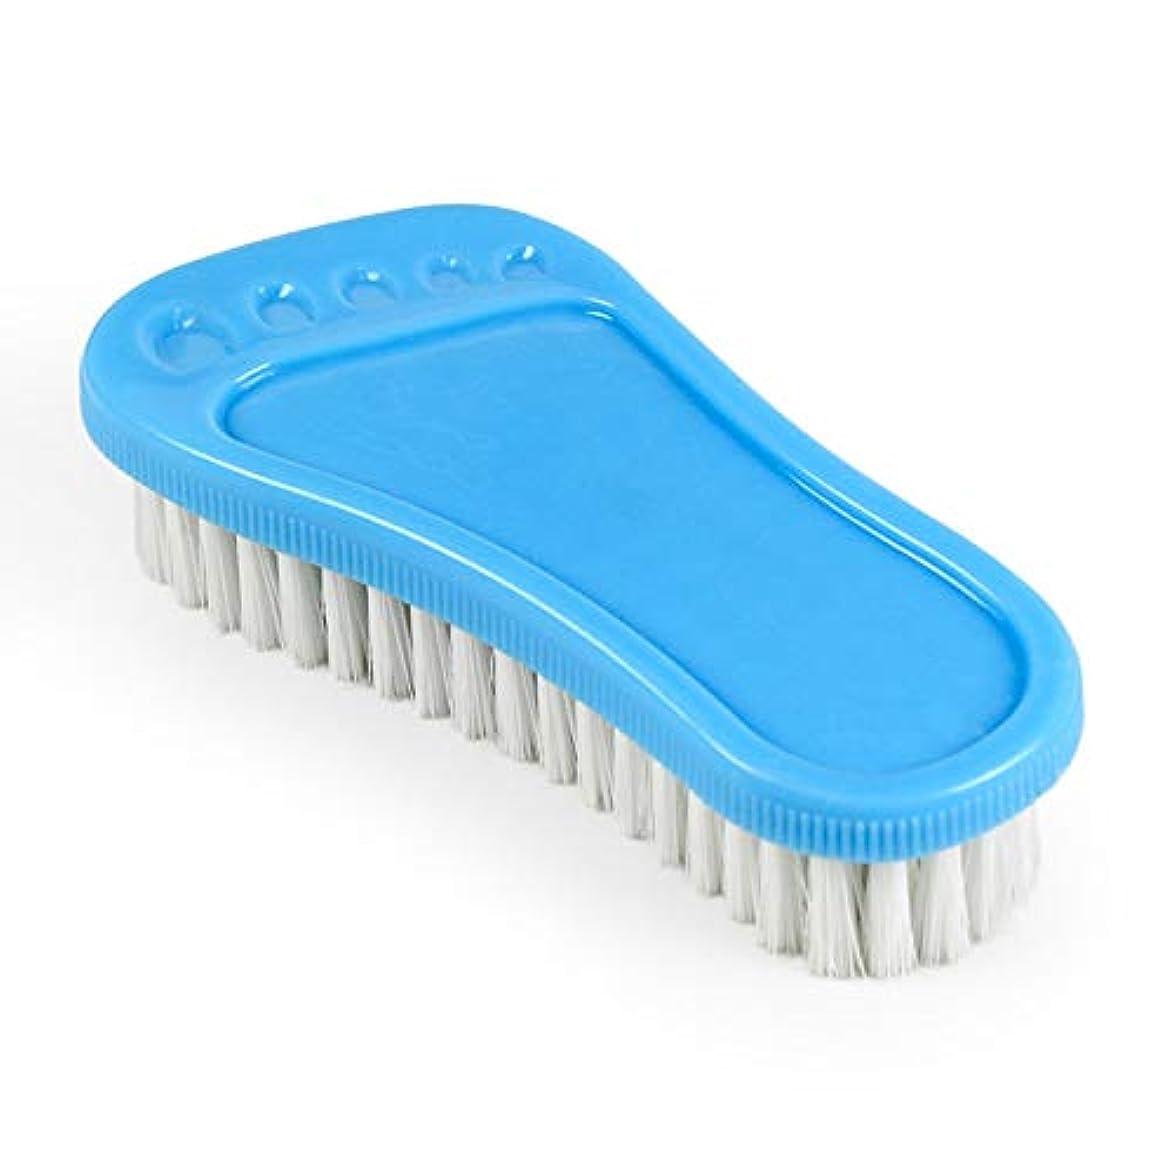 おしゃれな付ける本質的にポアクリーニング 小さな足首プラスチックの柔らかい髪多目的靴のブラシ洗面器のブラシのクリーニングブラシバスのブラシ2 PCS マッサージブラシ